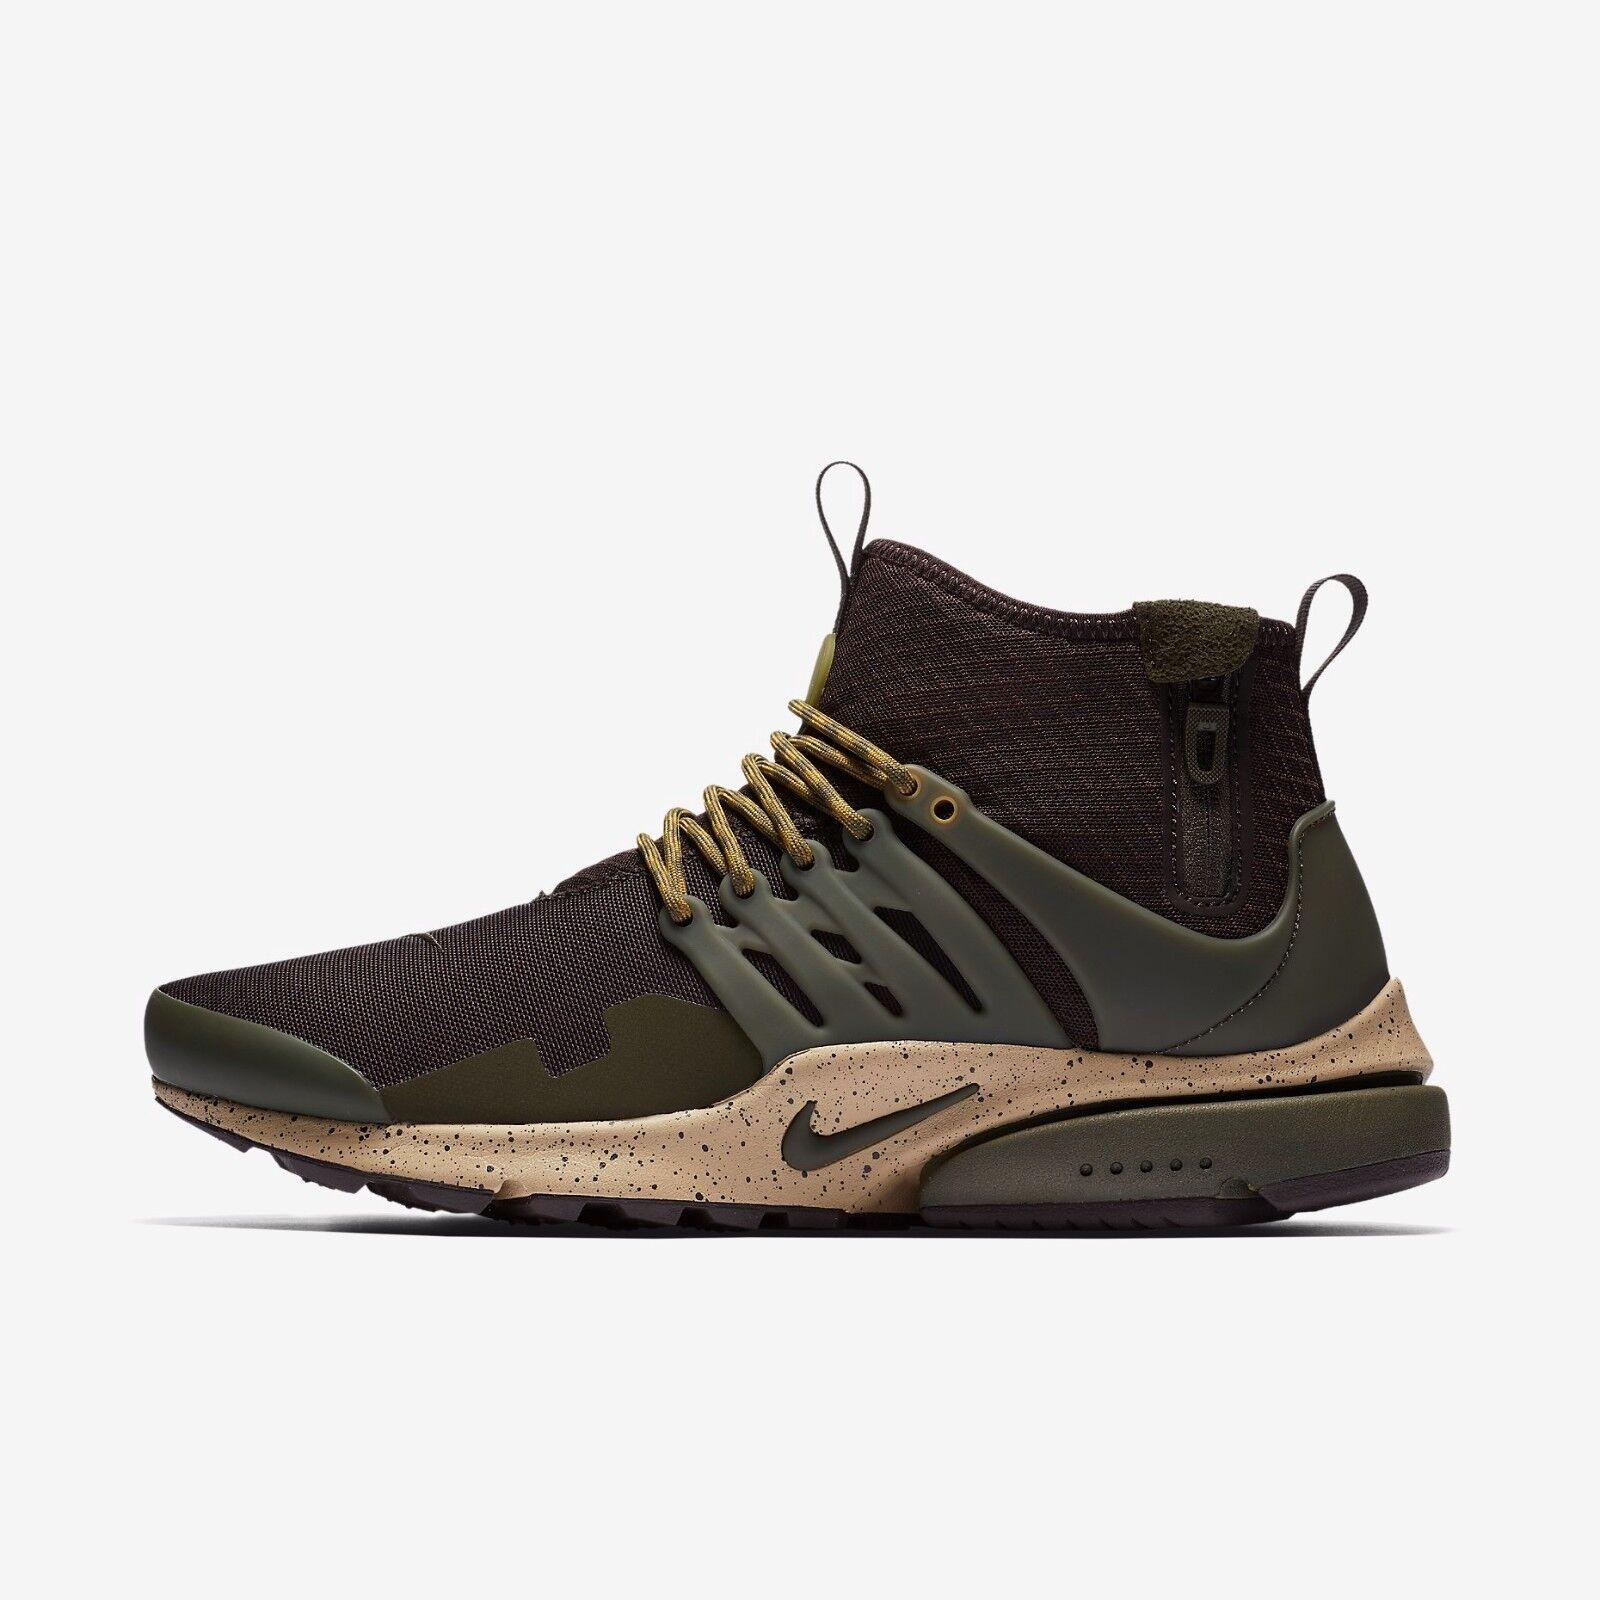 NIKE AIR PRESTO MID UTILITY MEN'S SHOE - Velvet Brown/Mushroom/Desert Moss/Cargo The latest discount shoes for men and women